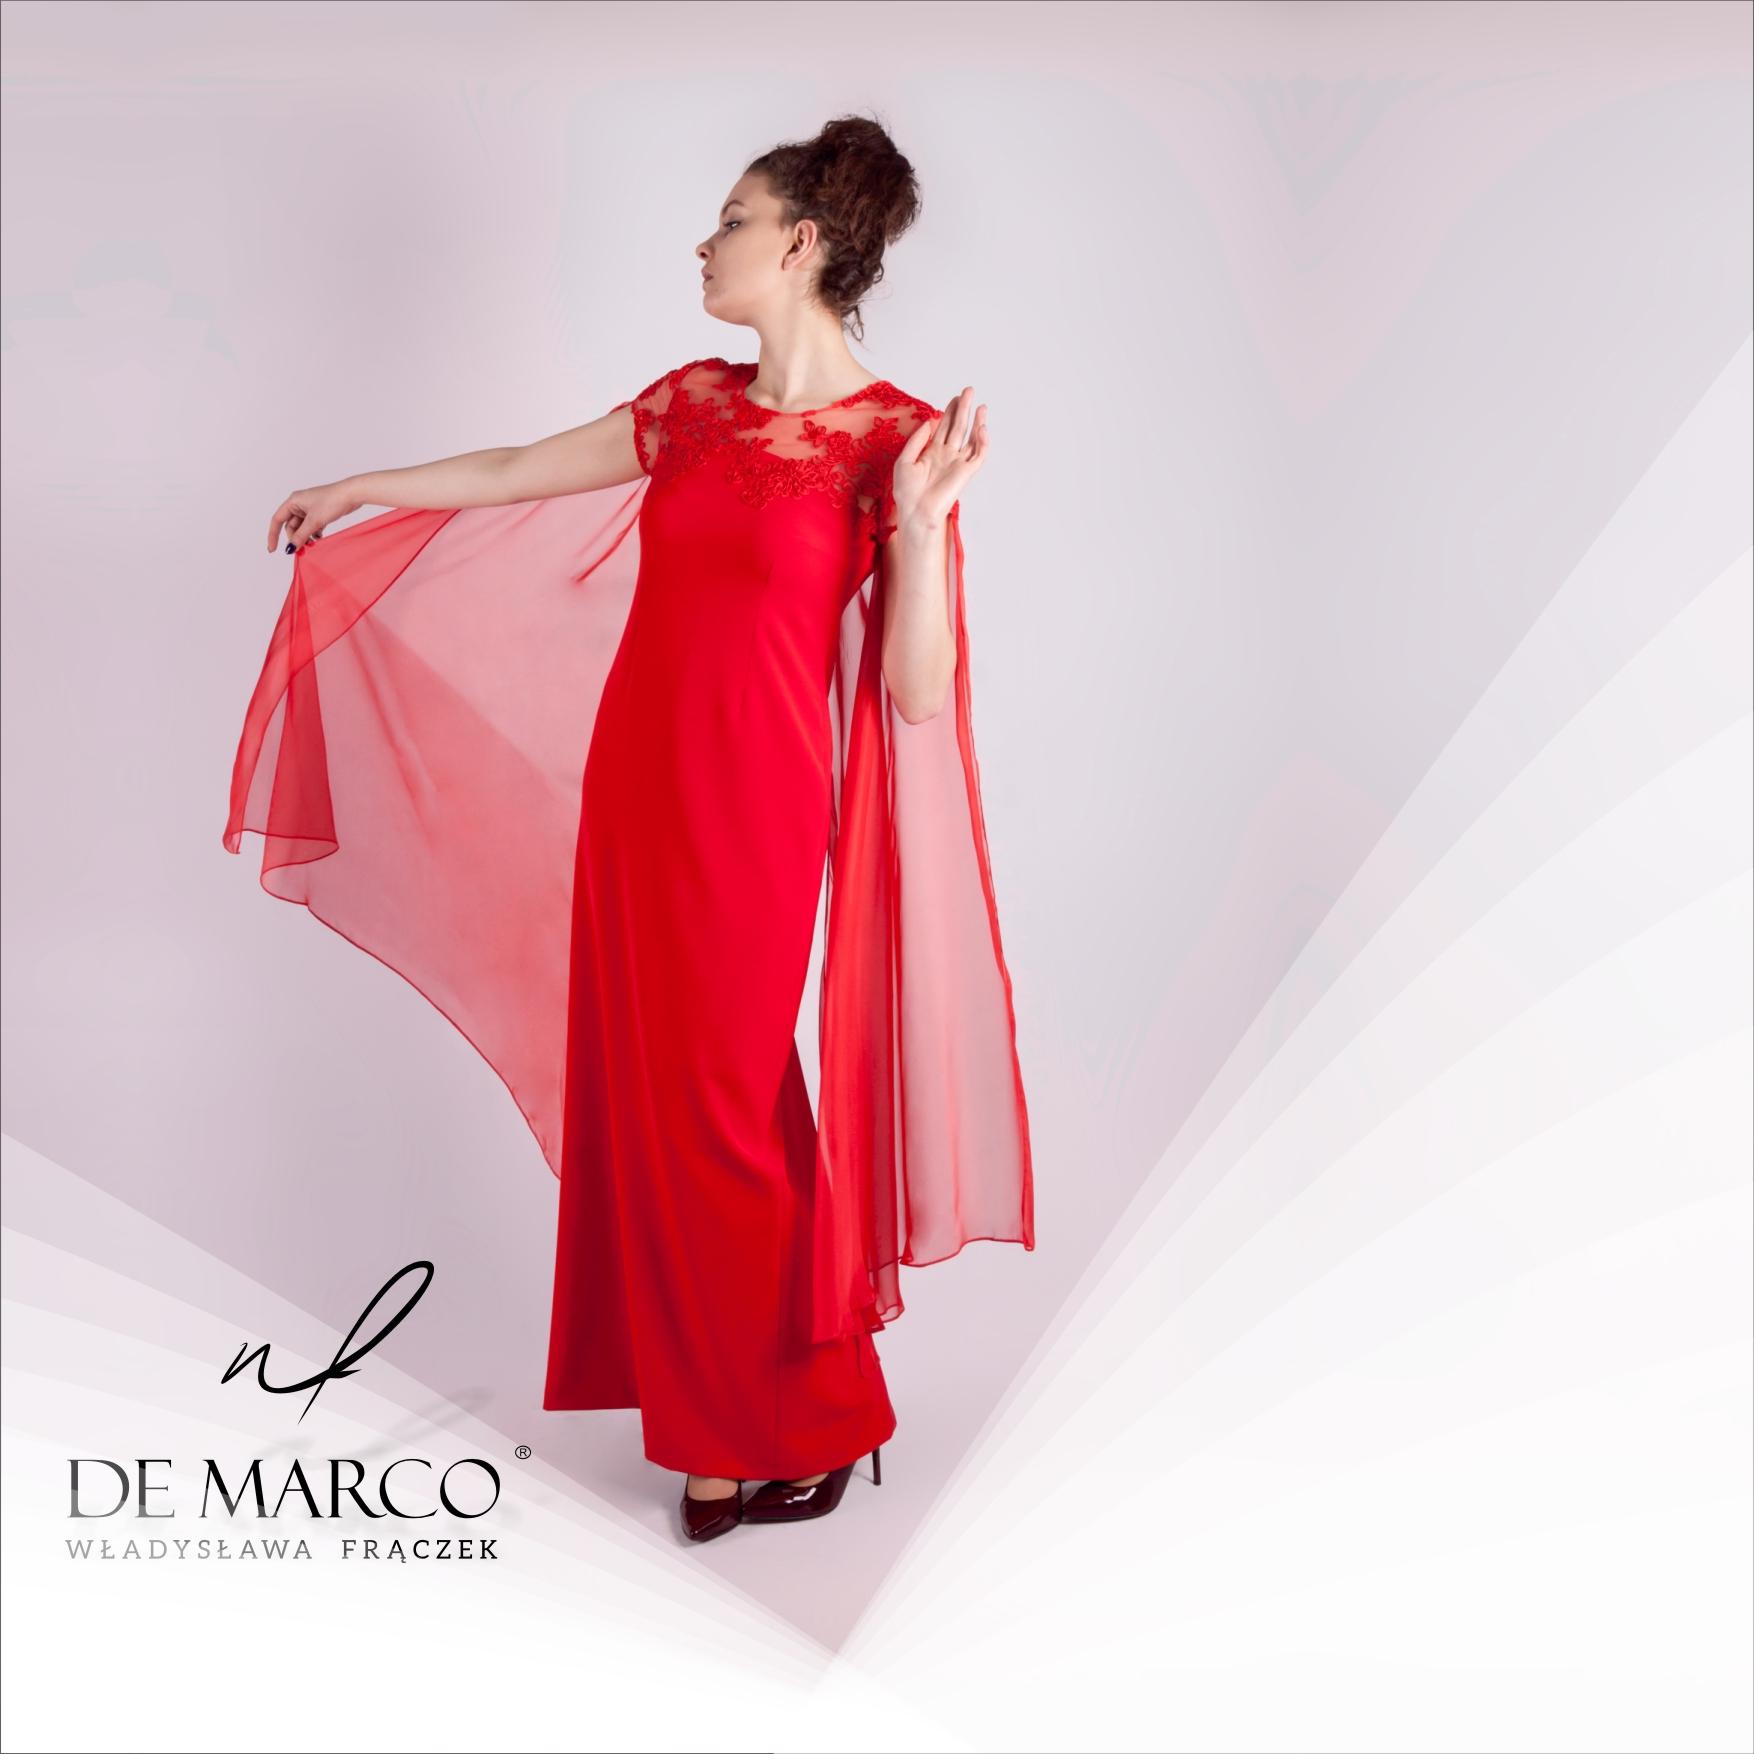 Sukienki dla mamy pana młodego duże rozmiary, wszystkie rozmiary. Sukienki szyte na miarę dla matek wesela. Sklep internetowy De Marco.